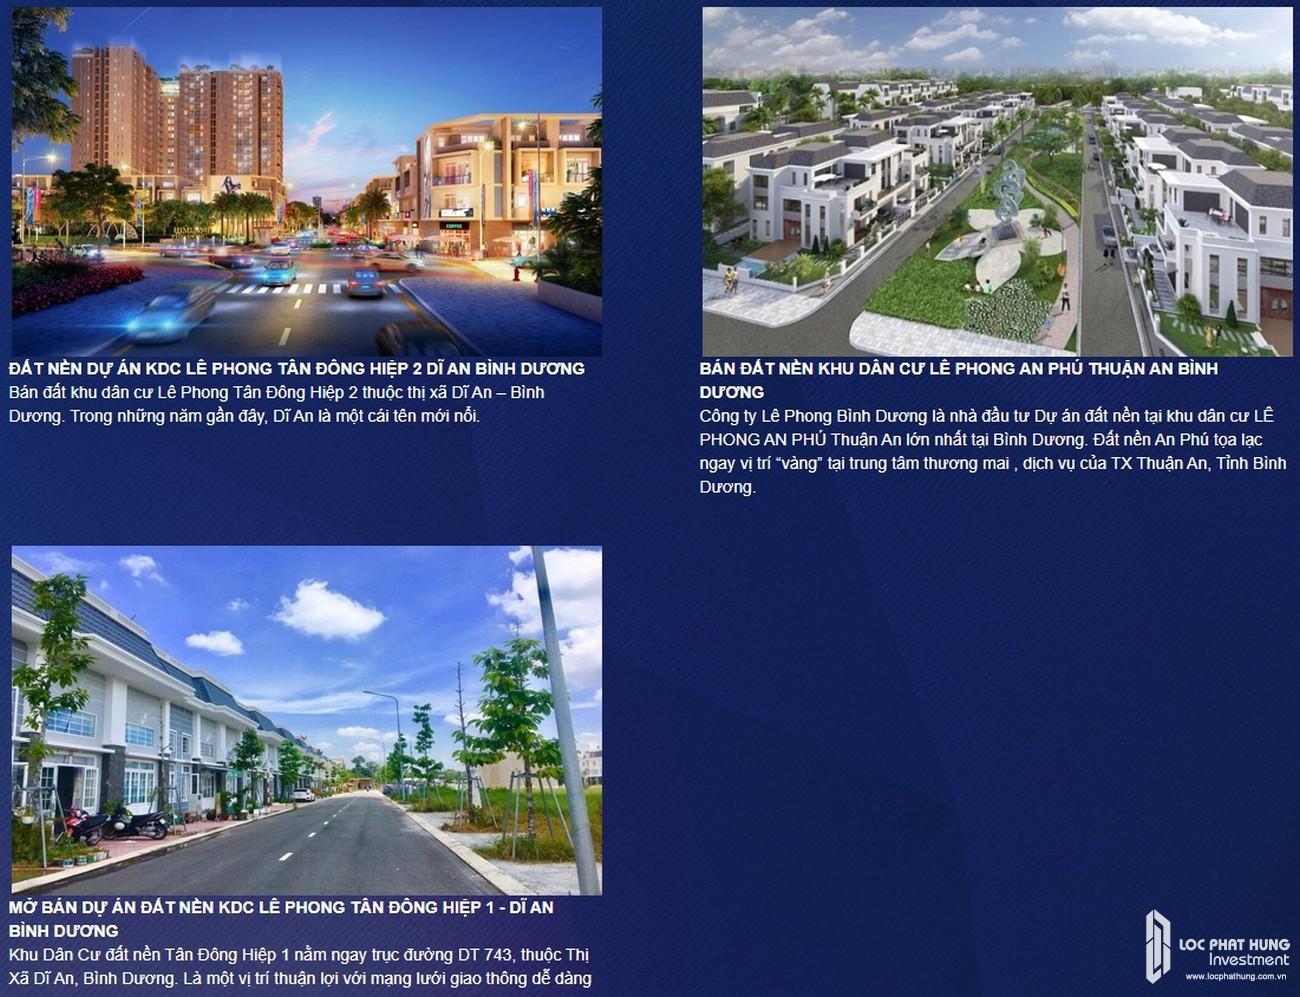 Năng lực triển khai các dự án của chủ đầu tư Lê Phong dự án căn hộ chung cư The Emerald Golf View Bình Dương